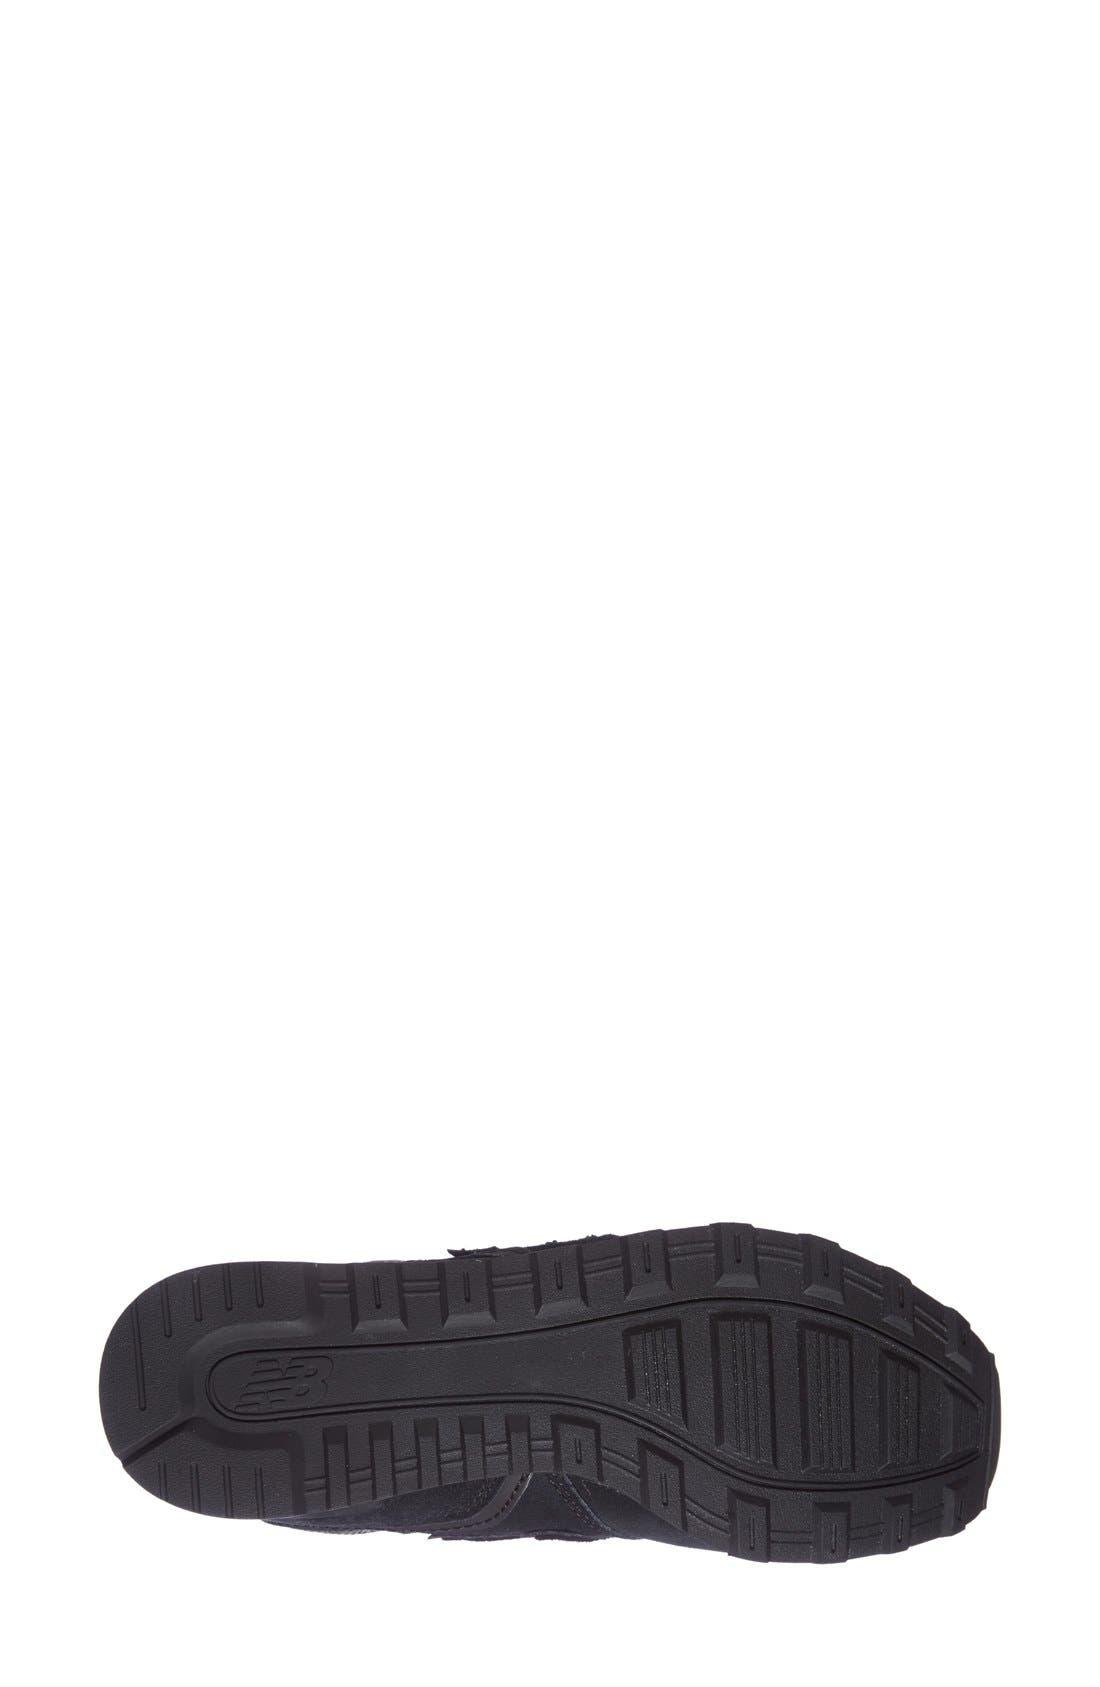 '696' Sneaker,                             Alternate thumbnail 2, color,                             001